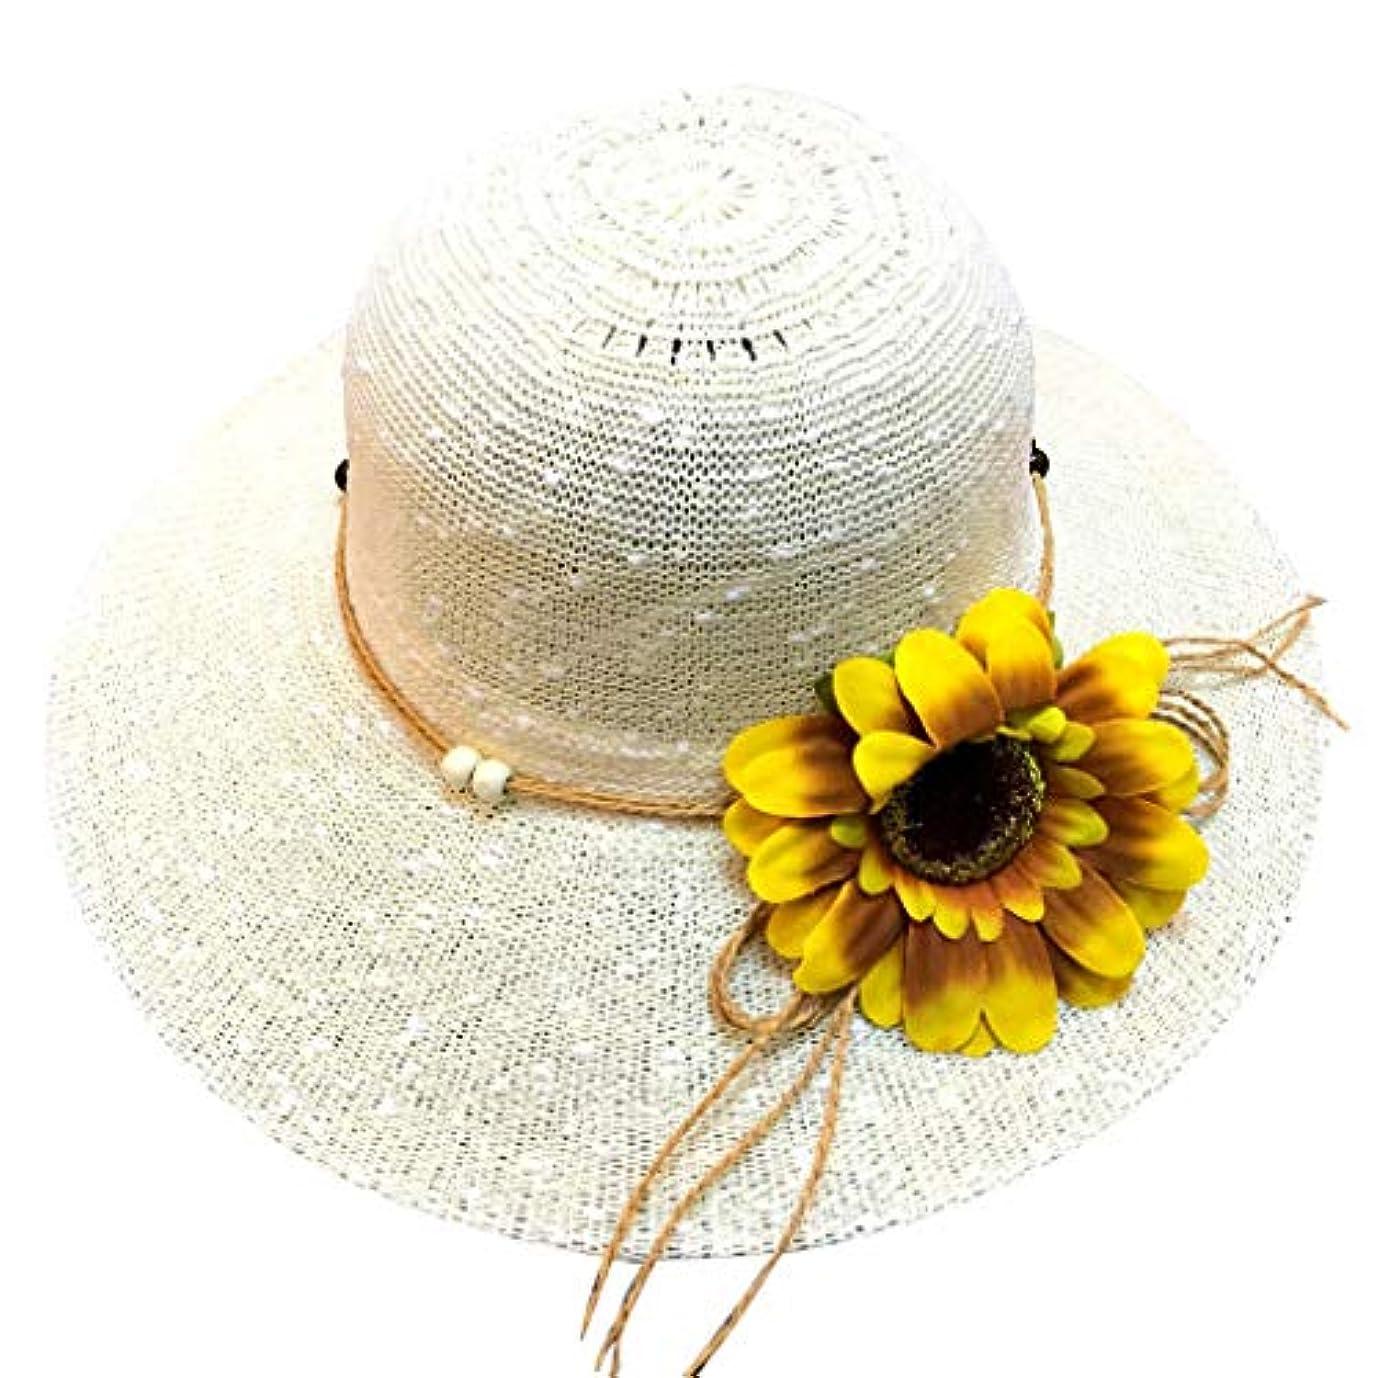 ソースレビュー肖像画帽子 レディース アウトドア 夏 春 UVカット 帽子 ハット 漁師帽 日焼け防止 つば広 紫外線対策 大きいサイズ ひまわり 可愛い ハット 旅行用 日よけ 夏季 ビーチ 無地 ハット レディース 女性 ROSE ROMAN